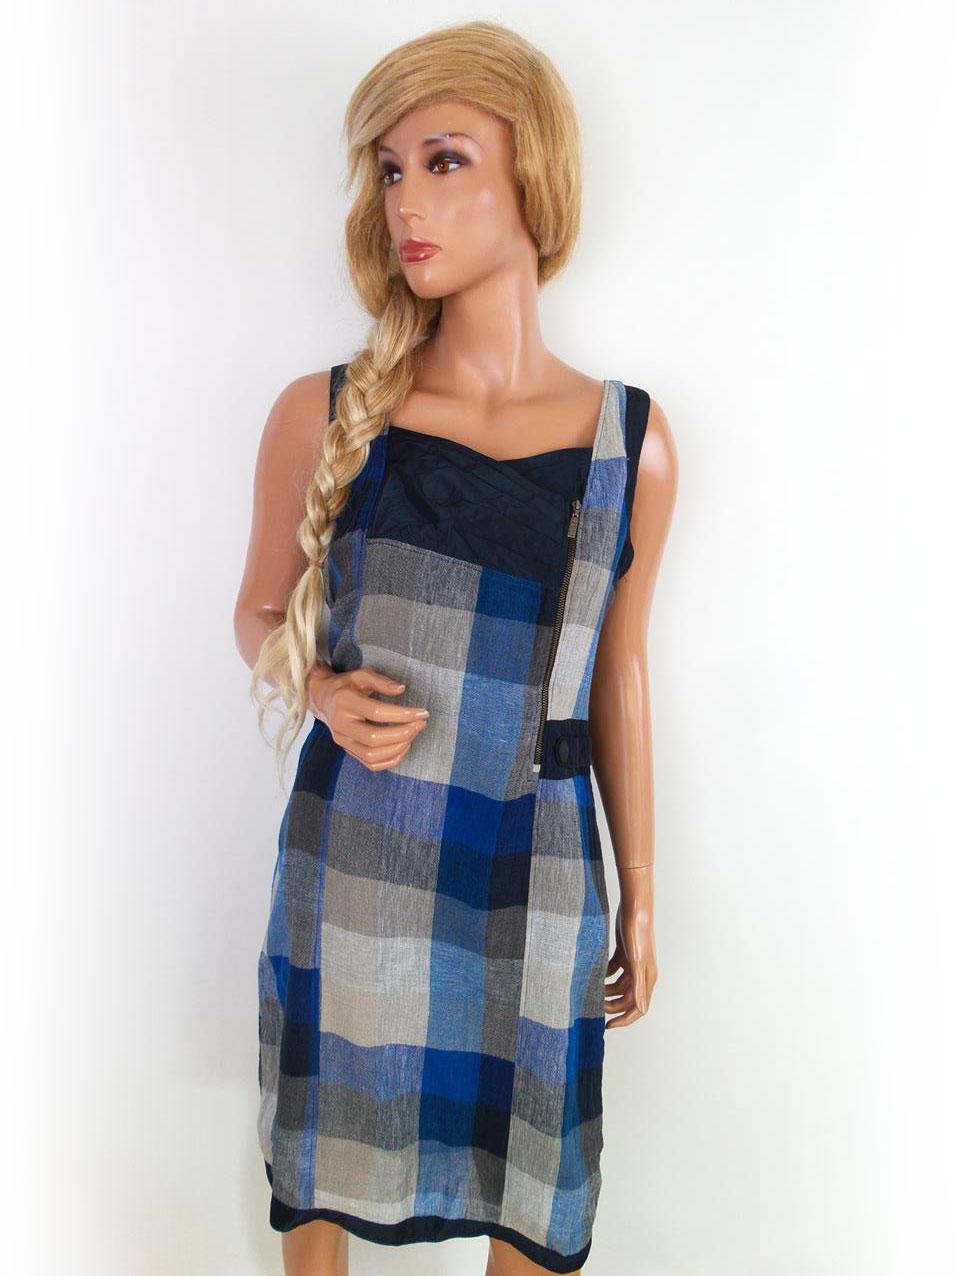 ae66026e5c03 ... CARLA DU NORD størrelse 36 kjole på en linned blå gitter stropper.